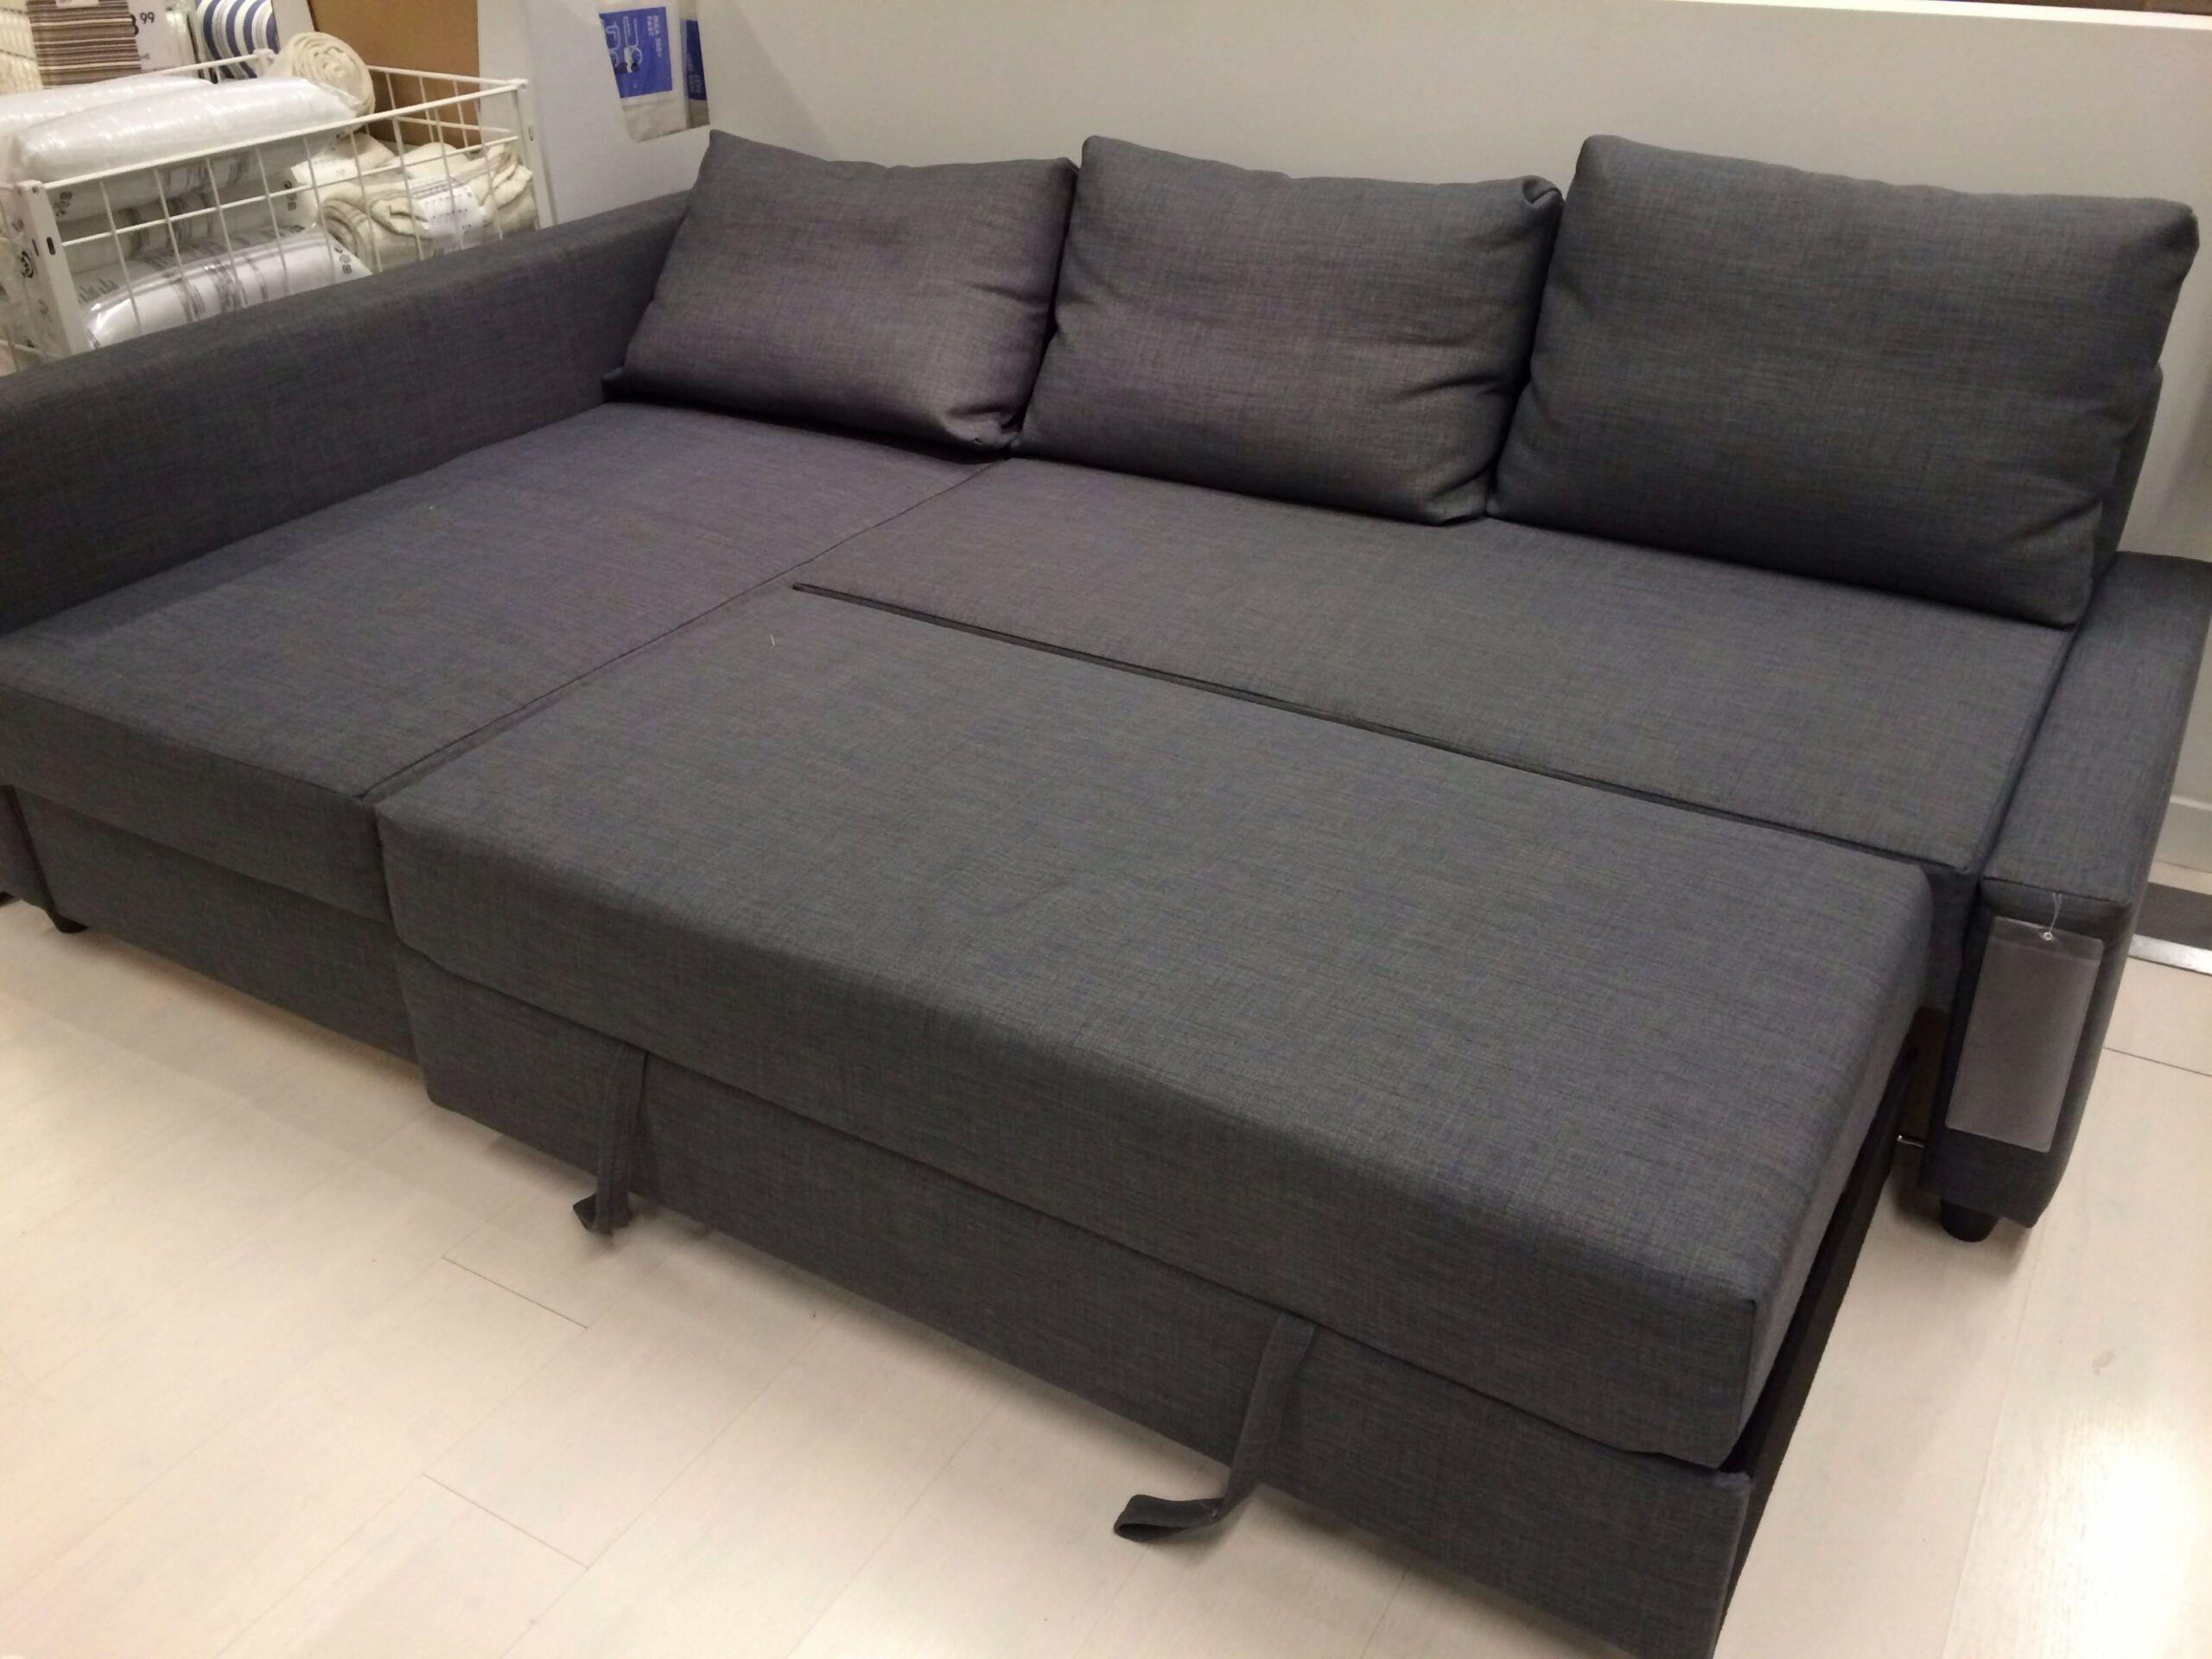 Comment Avoir Un Fantastique Canape Lit Ikea Avec Des Depenses Minimales Di 2020 Sofa Tidur